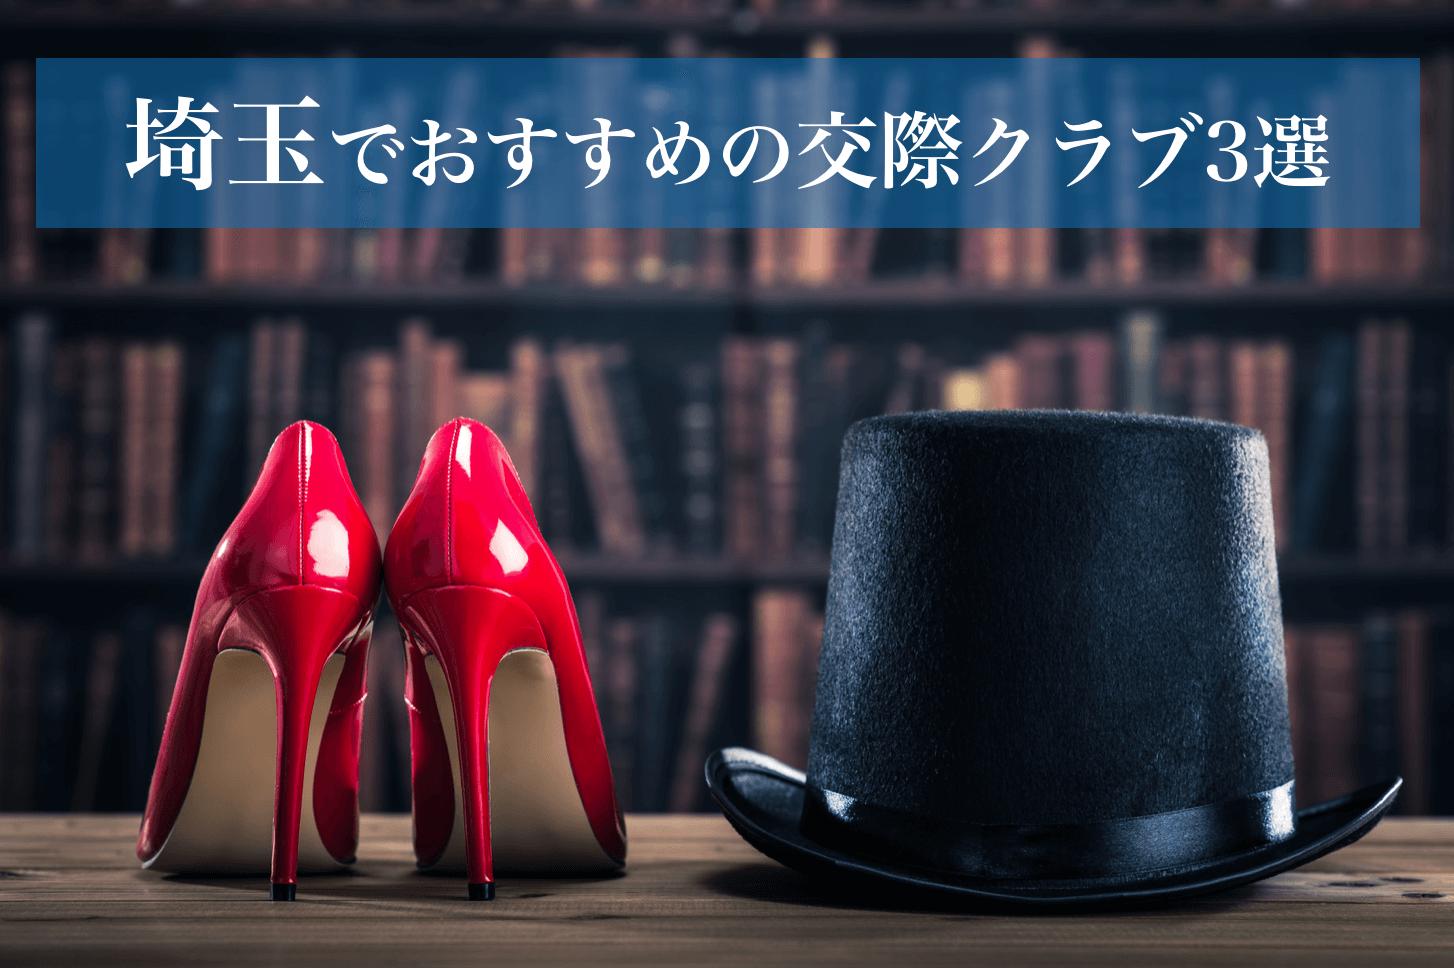 埼玉でおすすめの交際クラブ3選